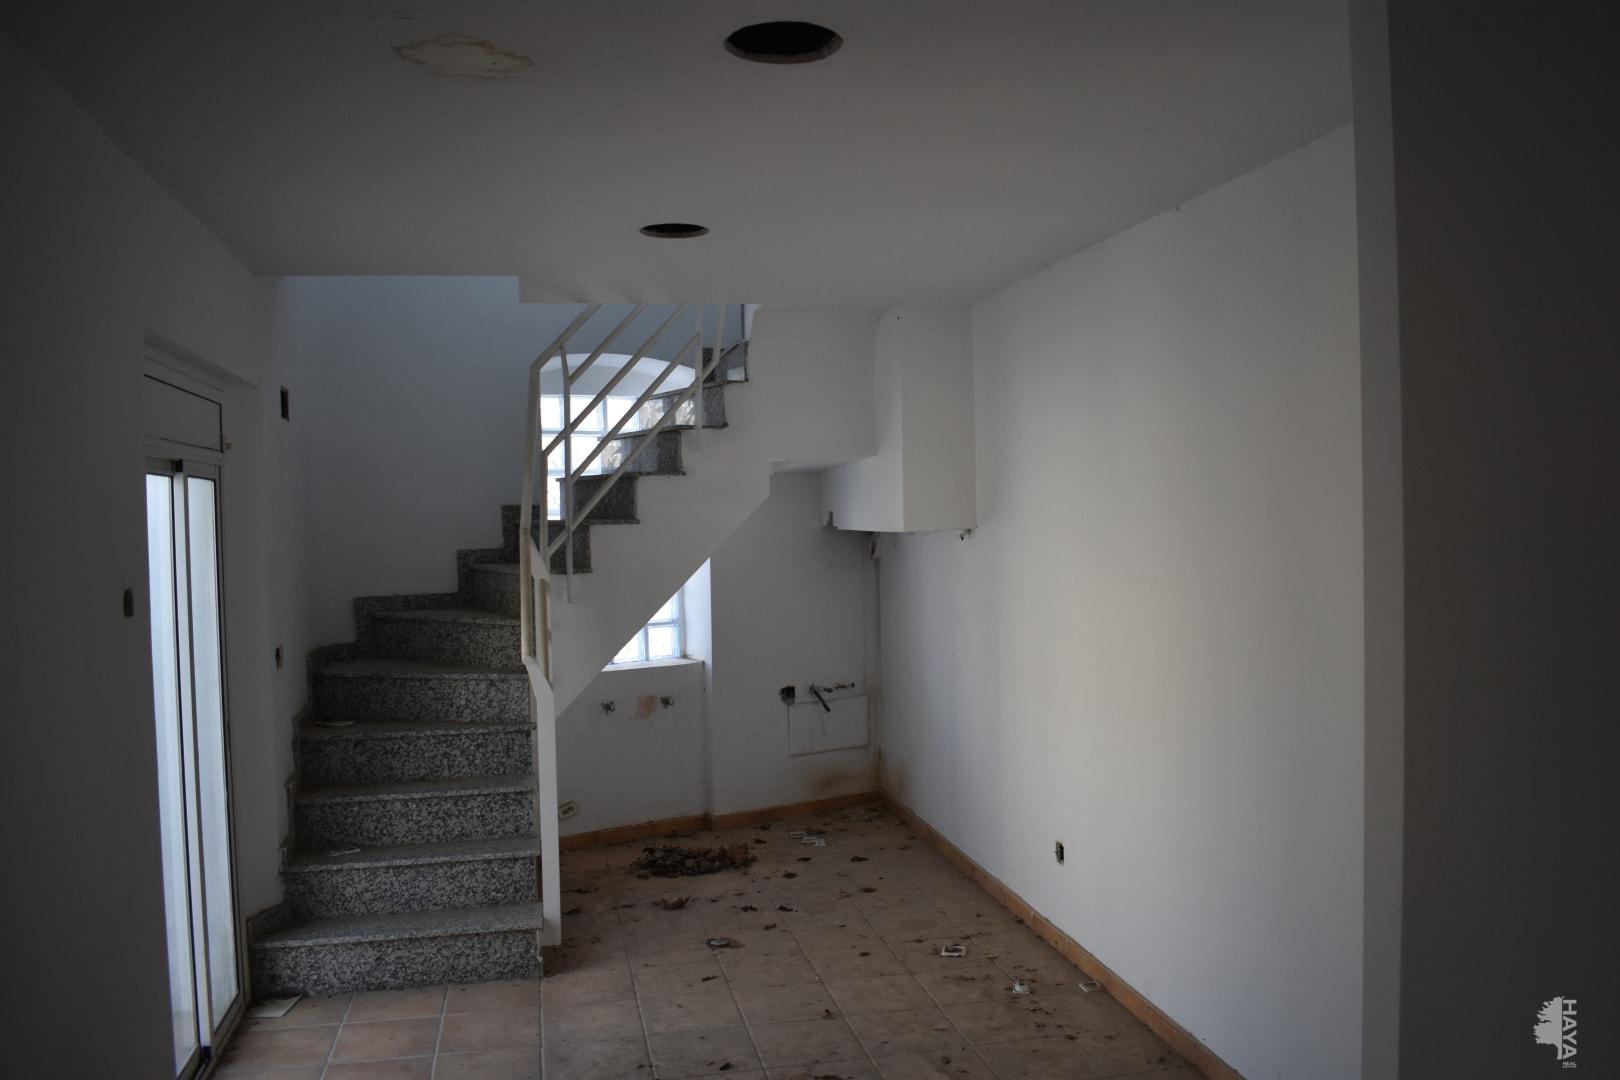 Piso en venta en Torroella de Montgrí, Girona, Calle Mar, 74.000 €, 1 habitación, 1 baño, 59 m2